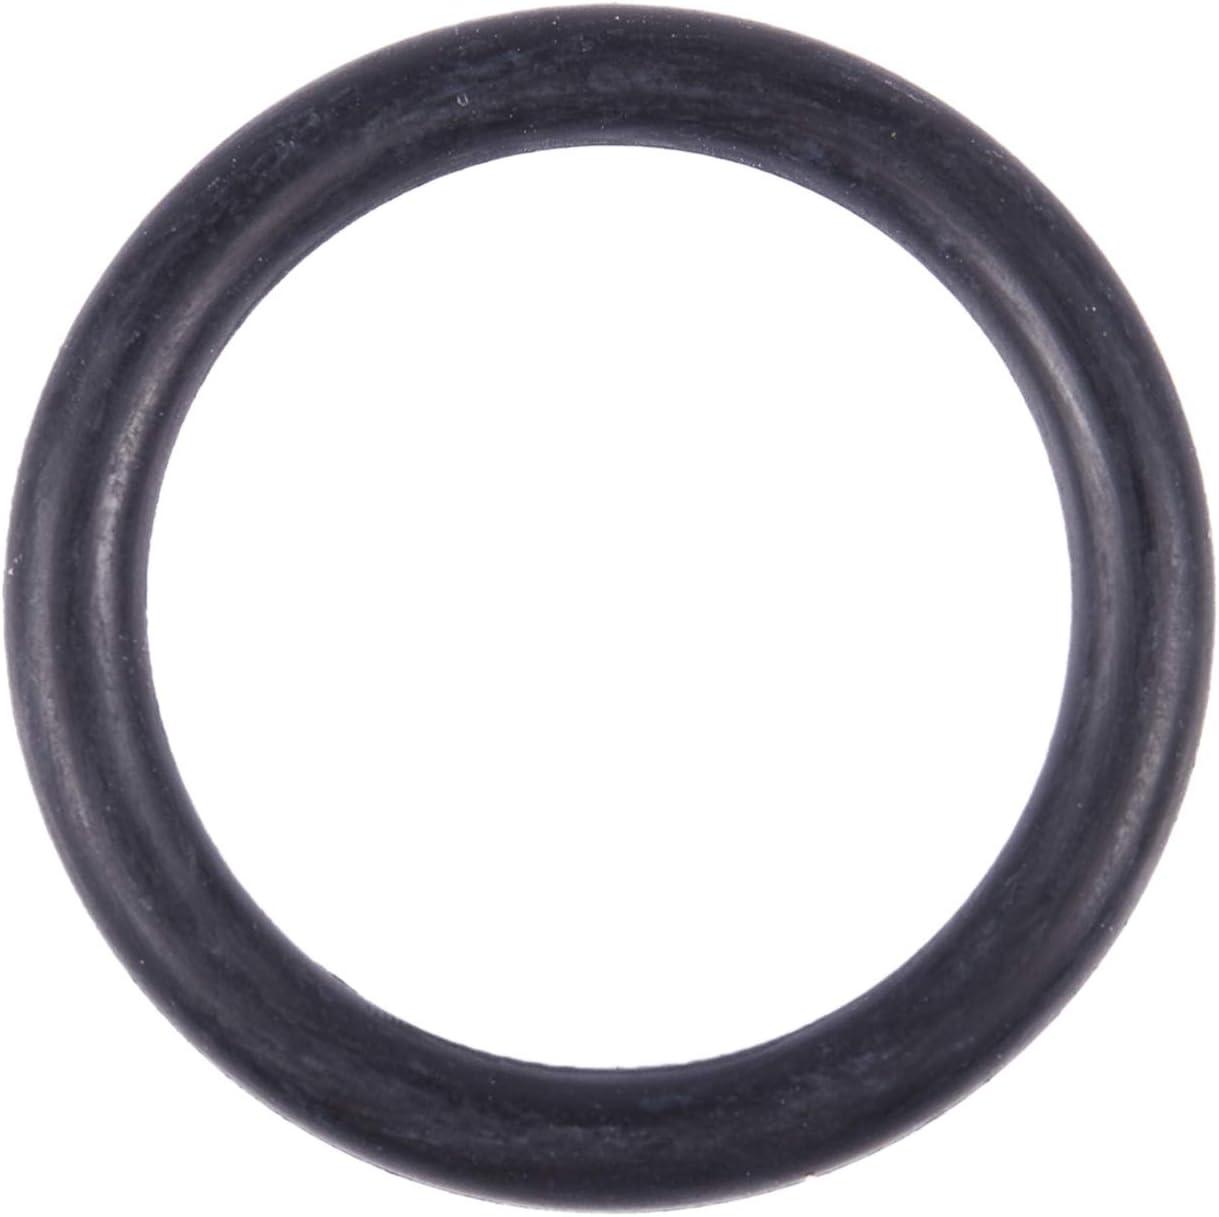 RETYLY 10 Stueck schwarz Nitrilkautschuk O-Ringe NBR Seal Tuellen 48 mm x 58 mm x 5 mm